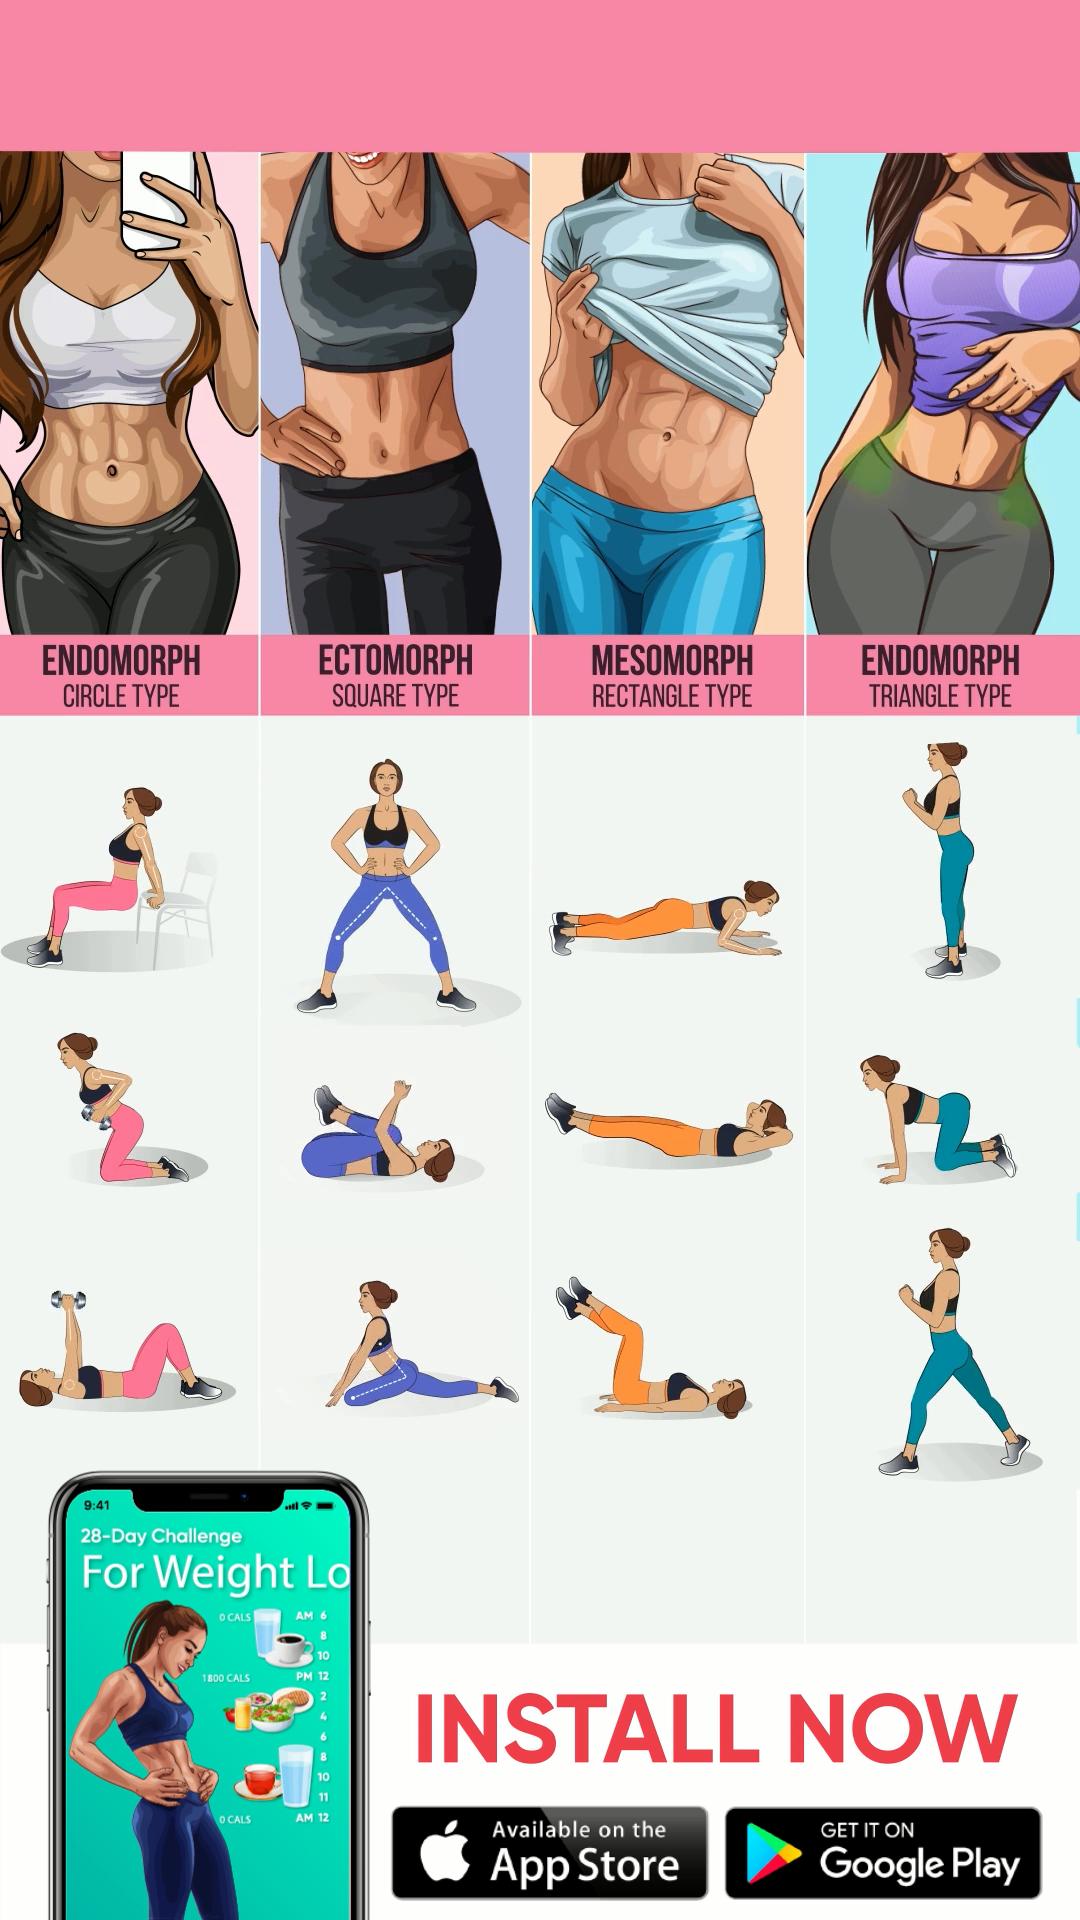 😍💪Installiere die App und erhalte den ultimativen 28-Tage-Speise- und Trainingsplan. 💪🏻Wir wissen, warum es schwer ist zu verlieren ..   – BetterMe Fitness Tips